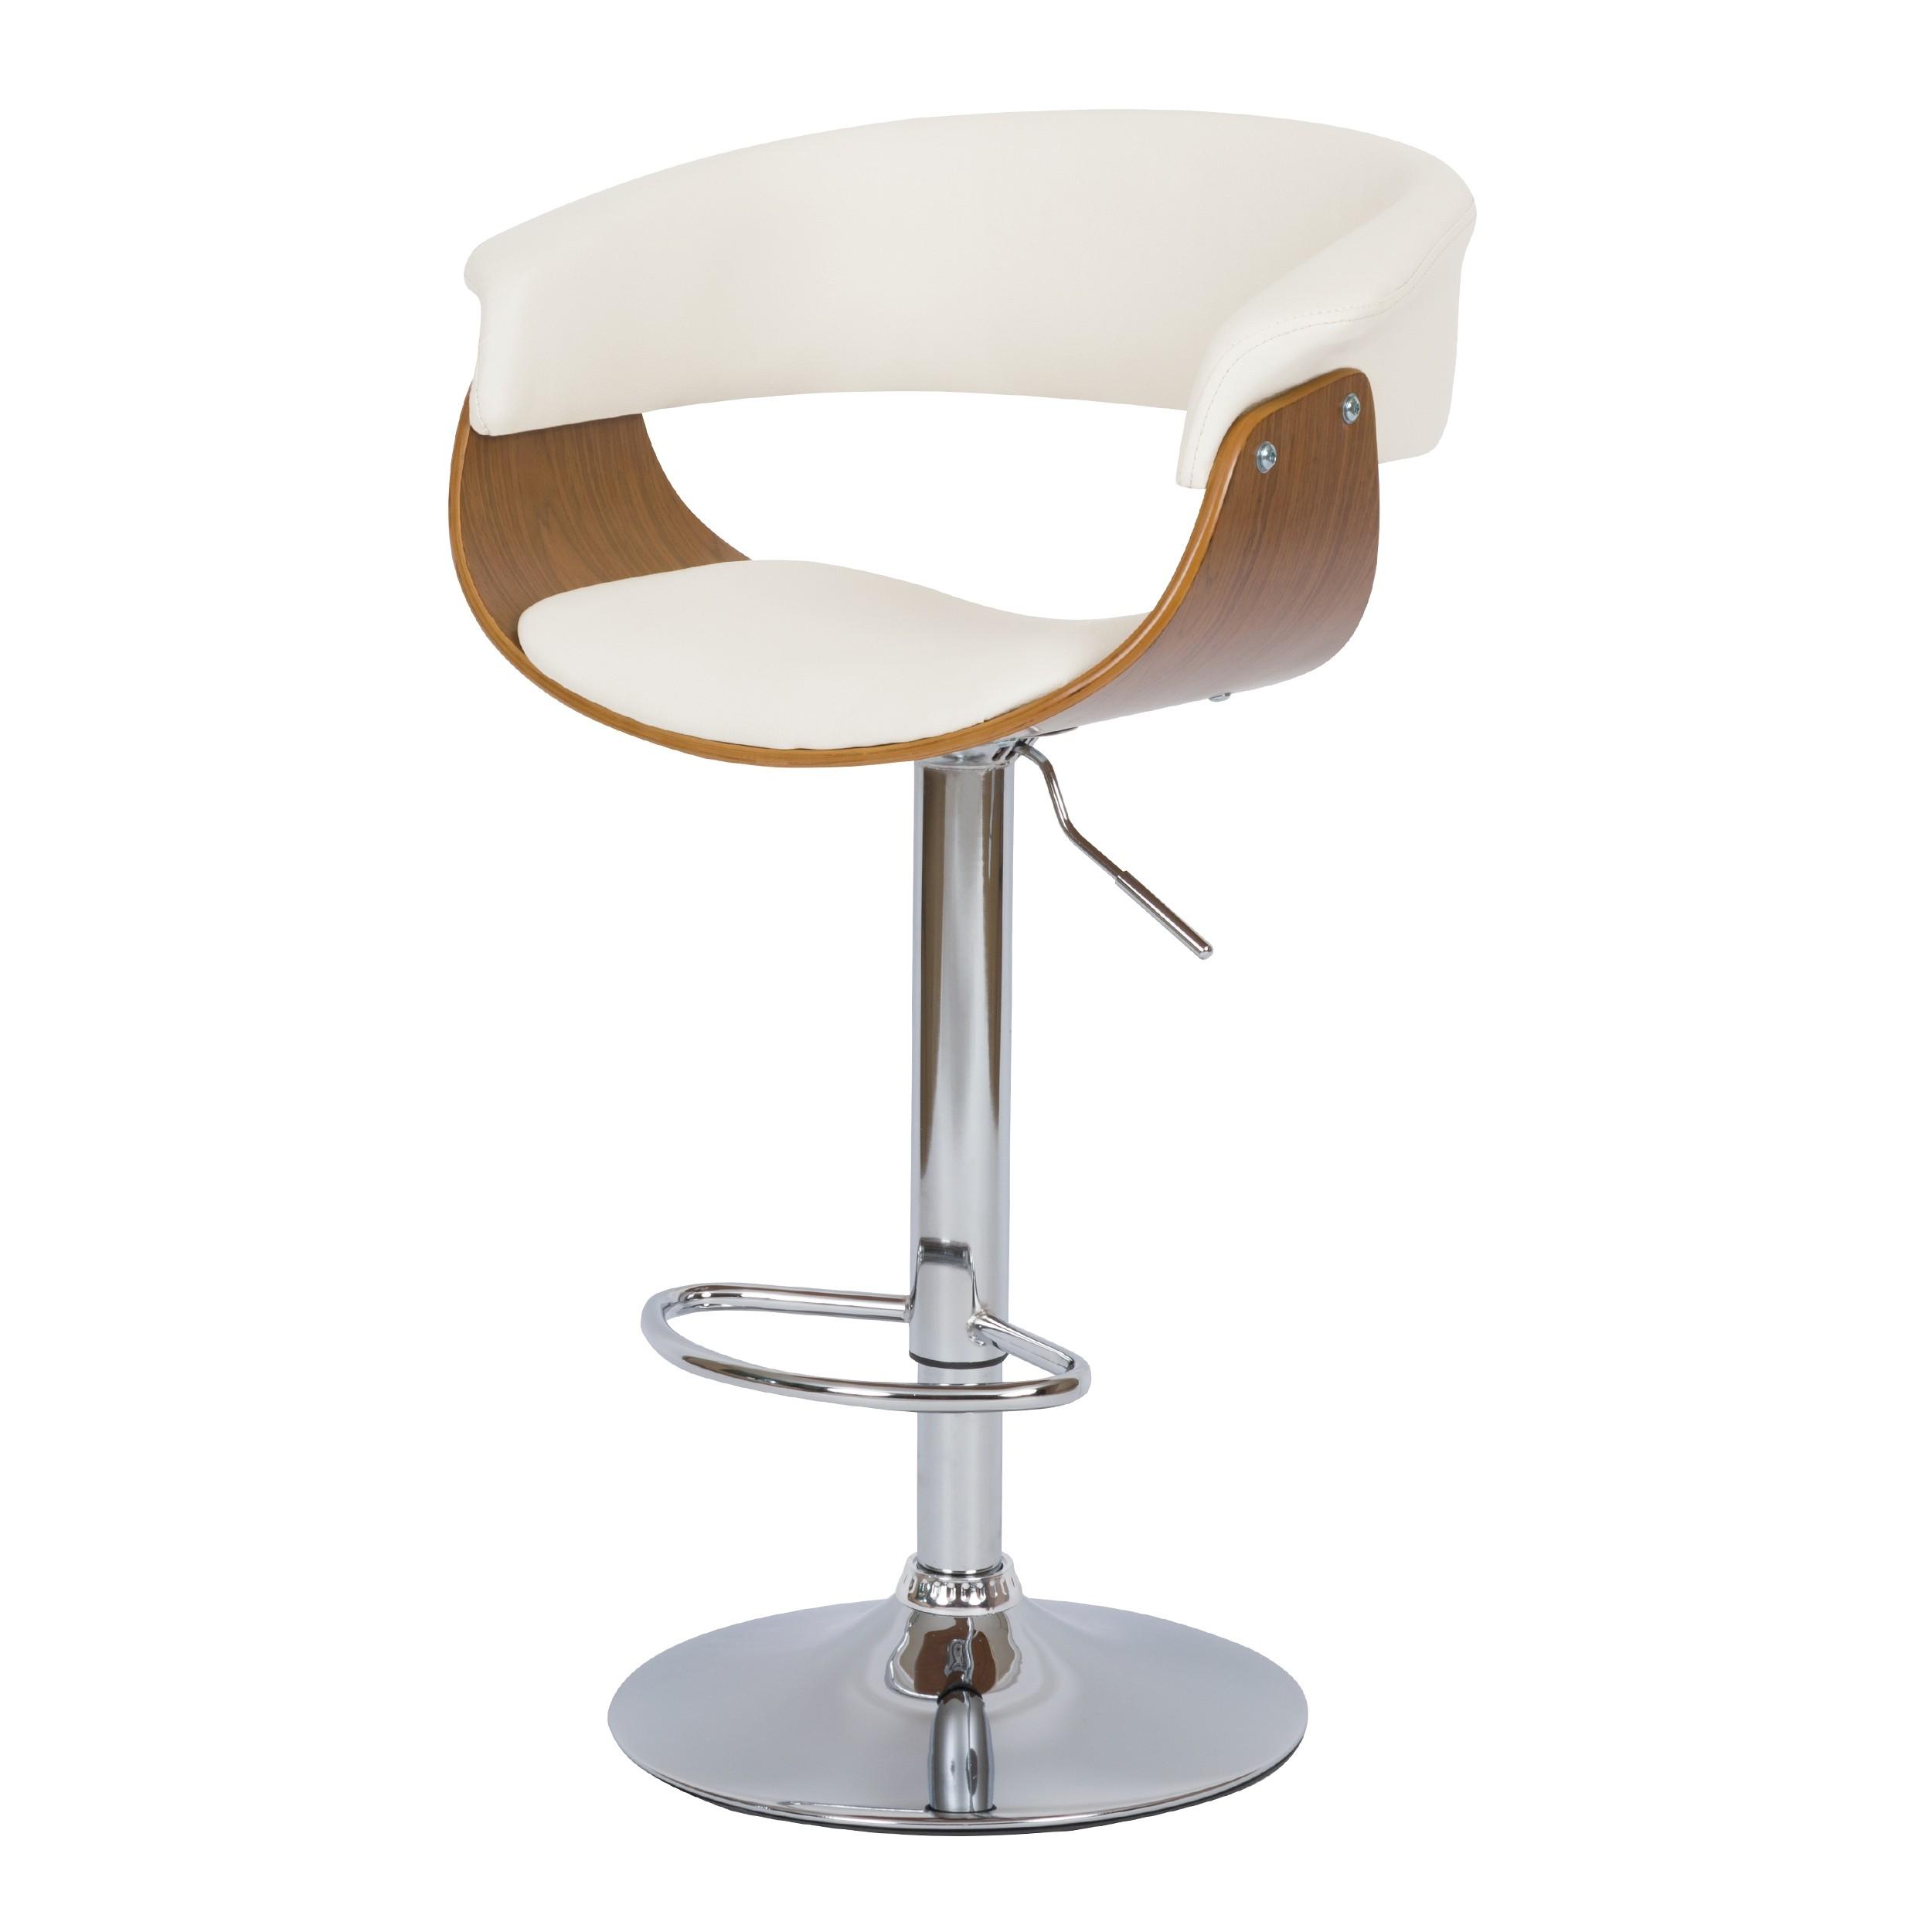 acheter chaise de bar blanche vintage simili